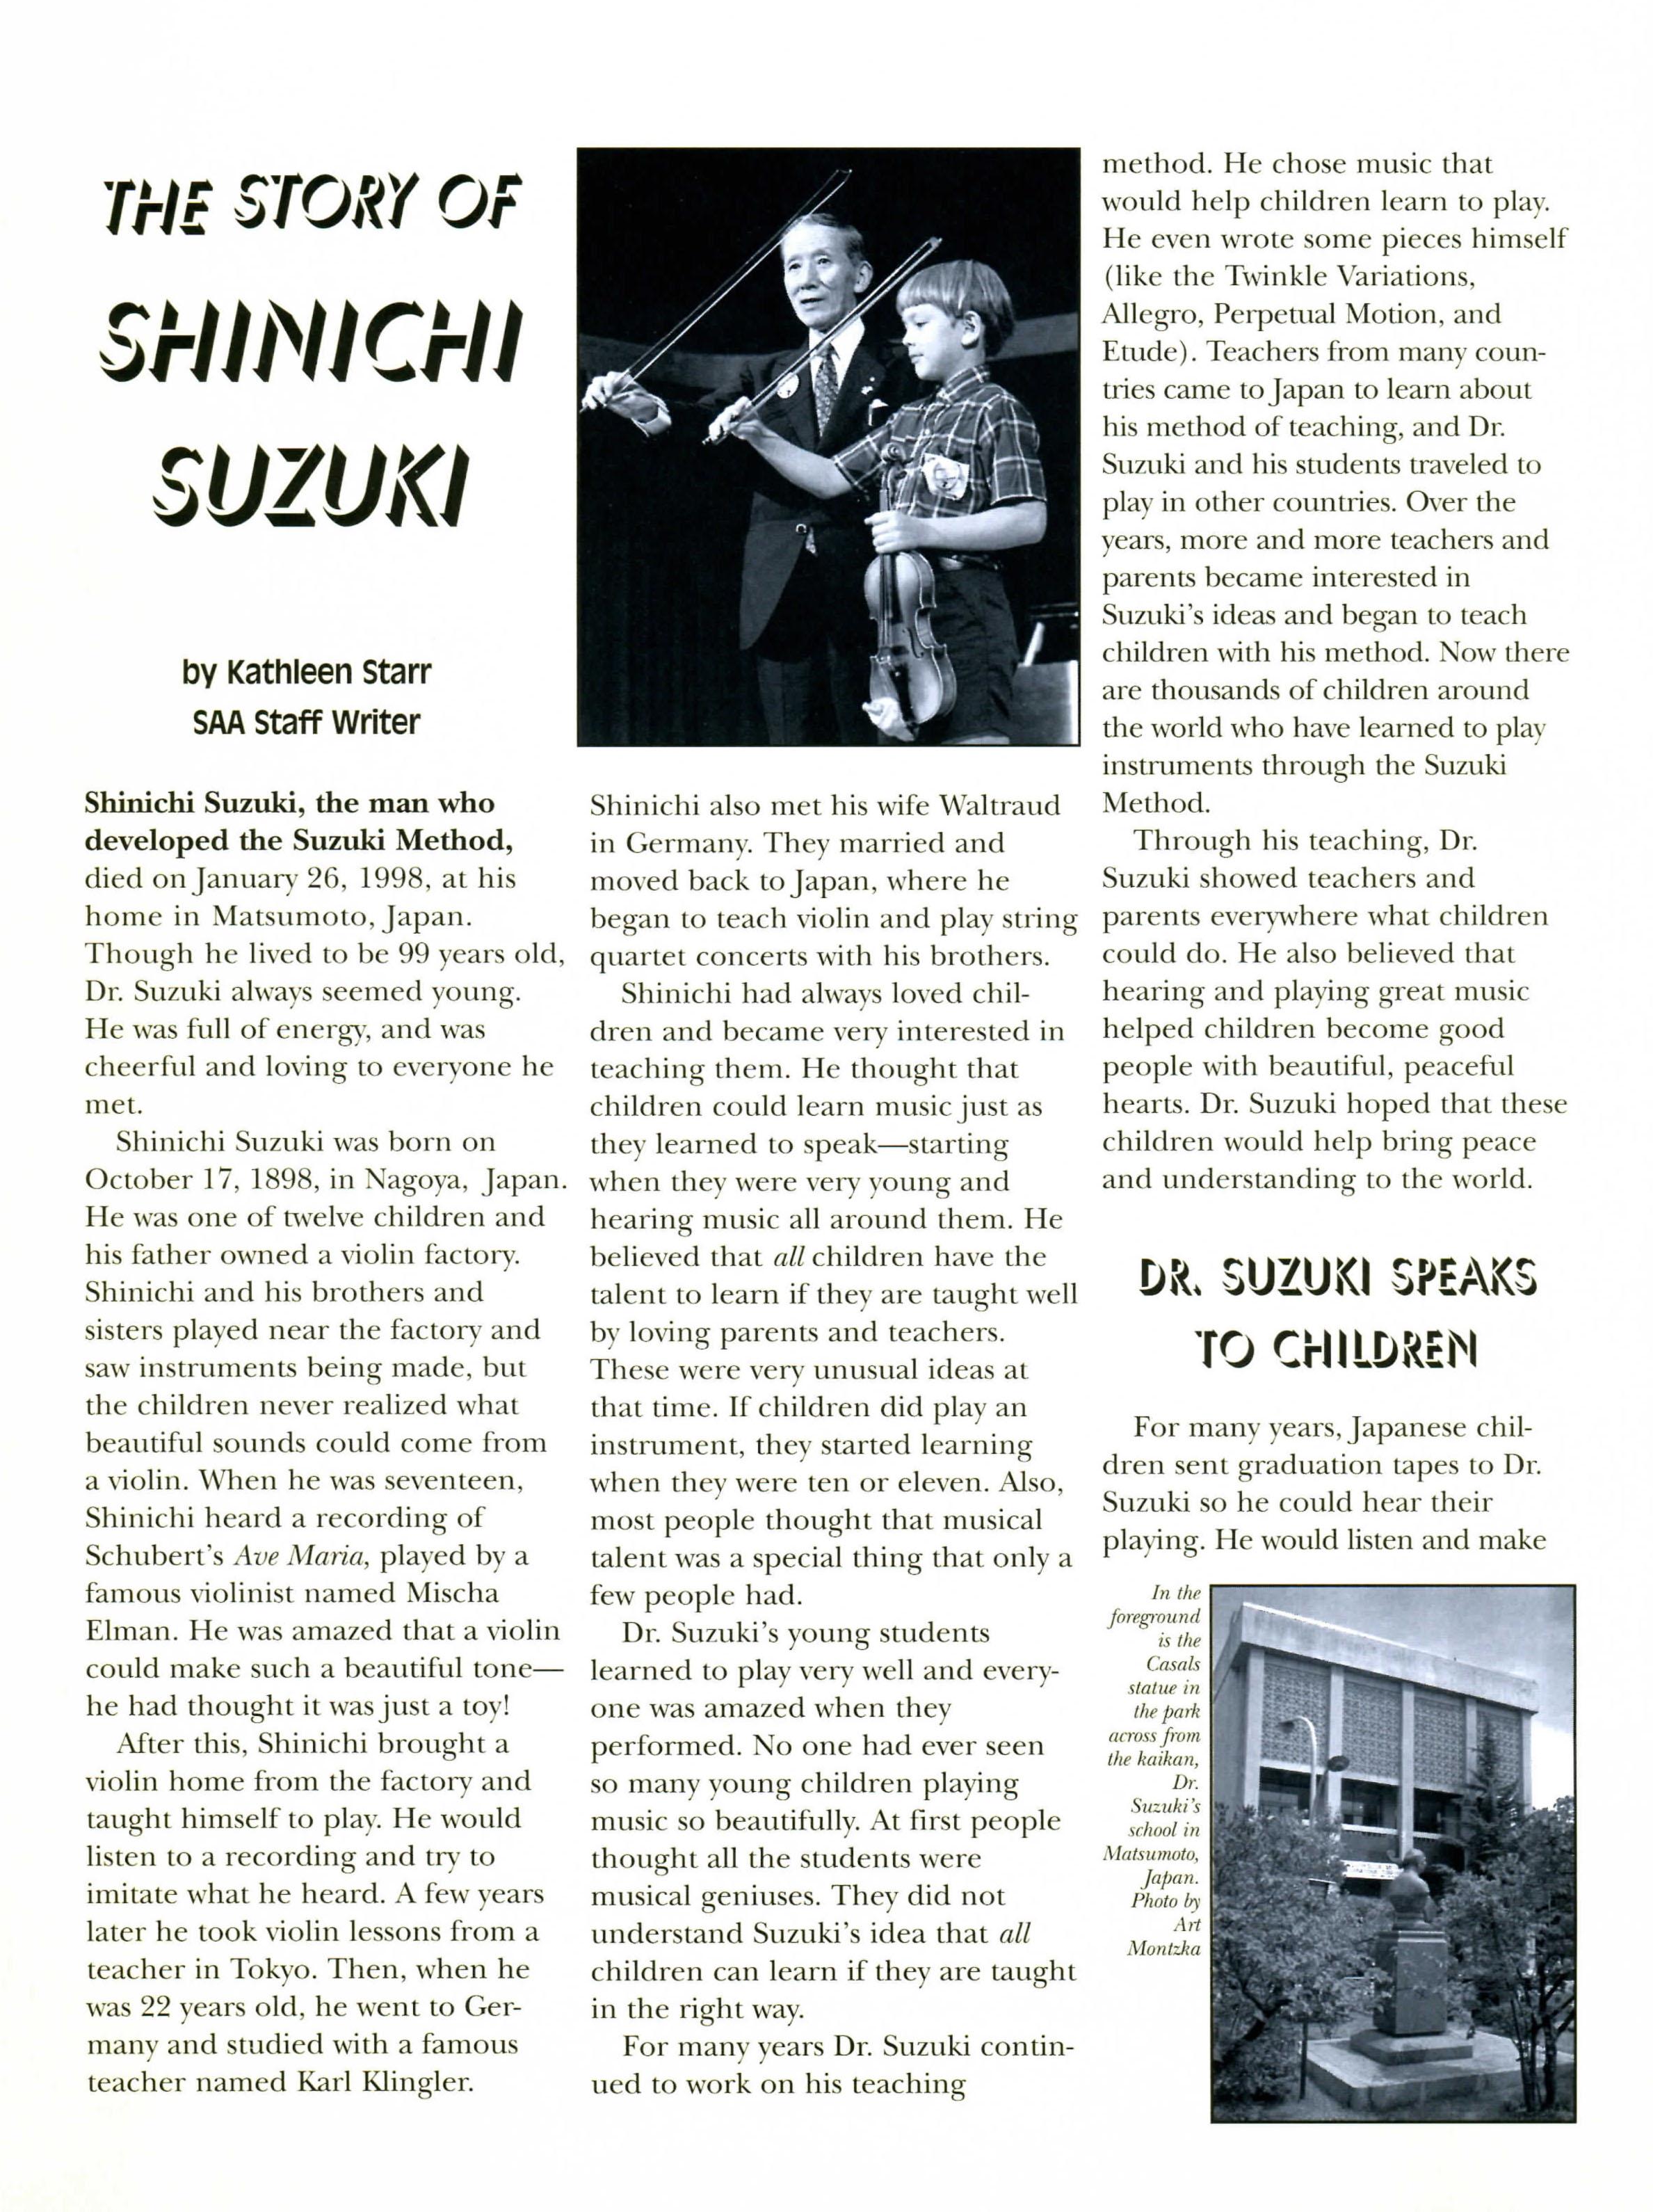 The Story of Suzuki 1